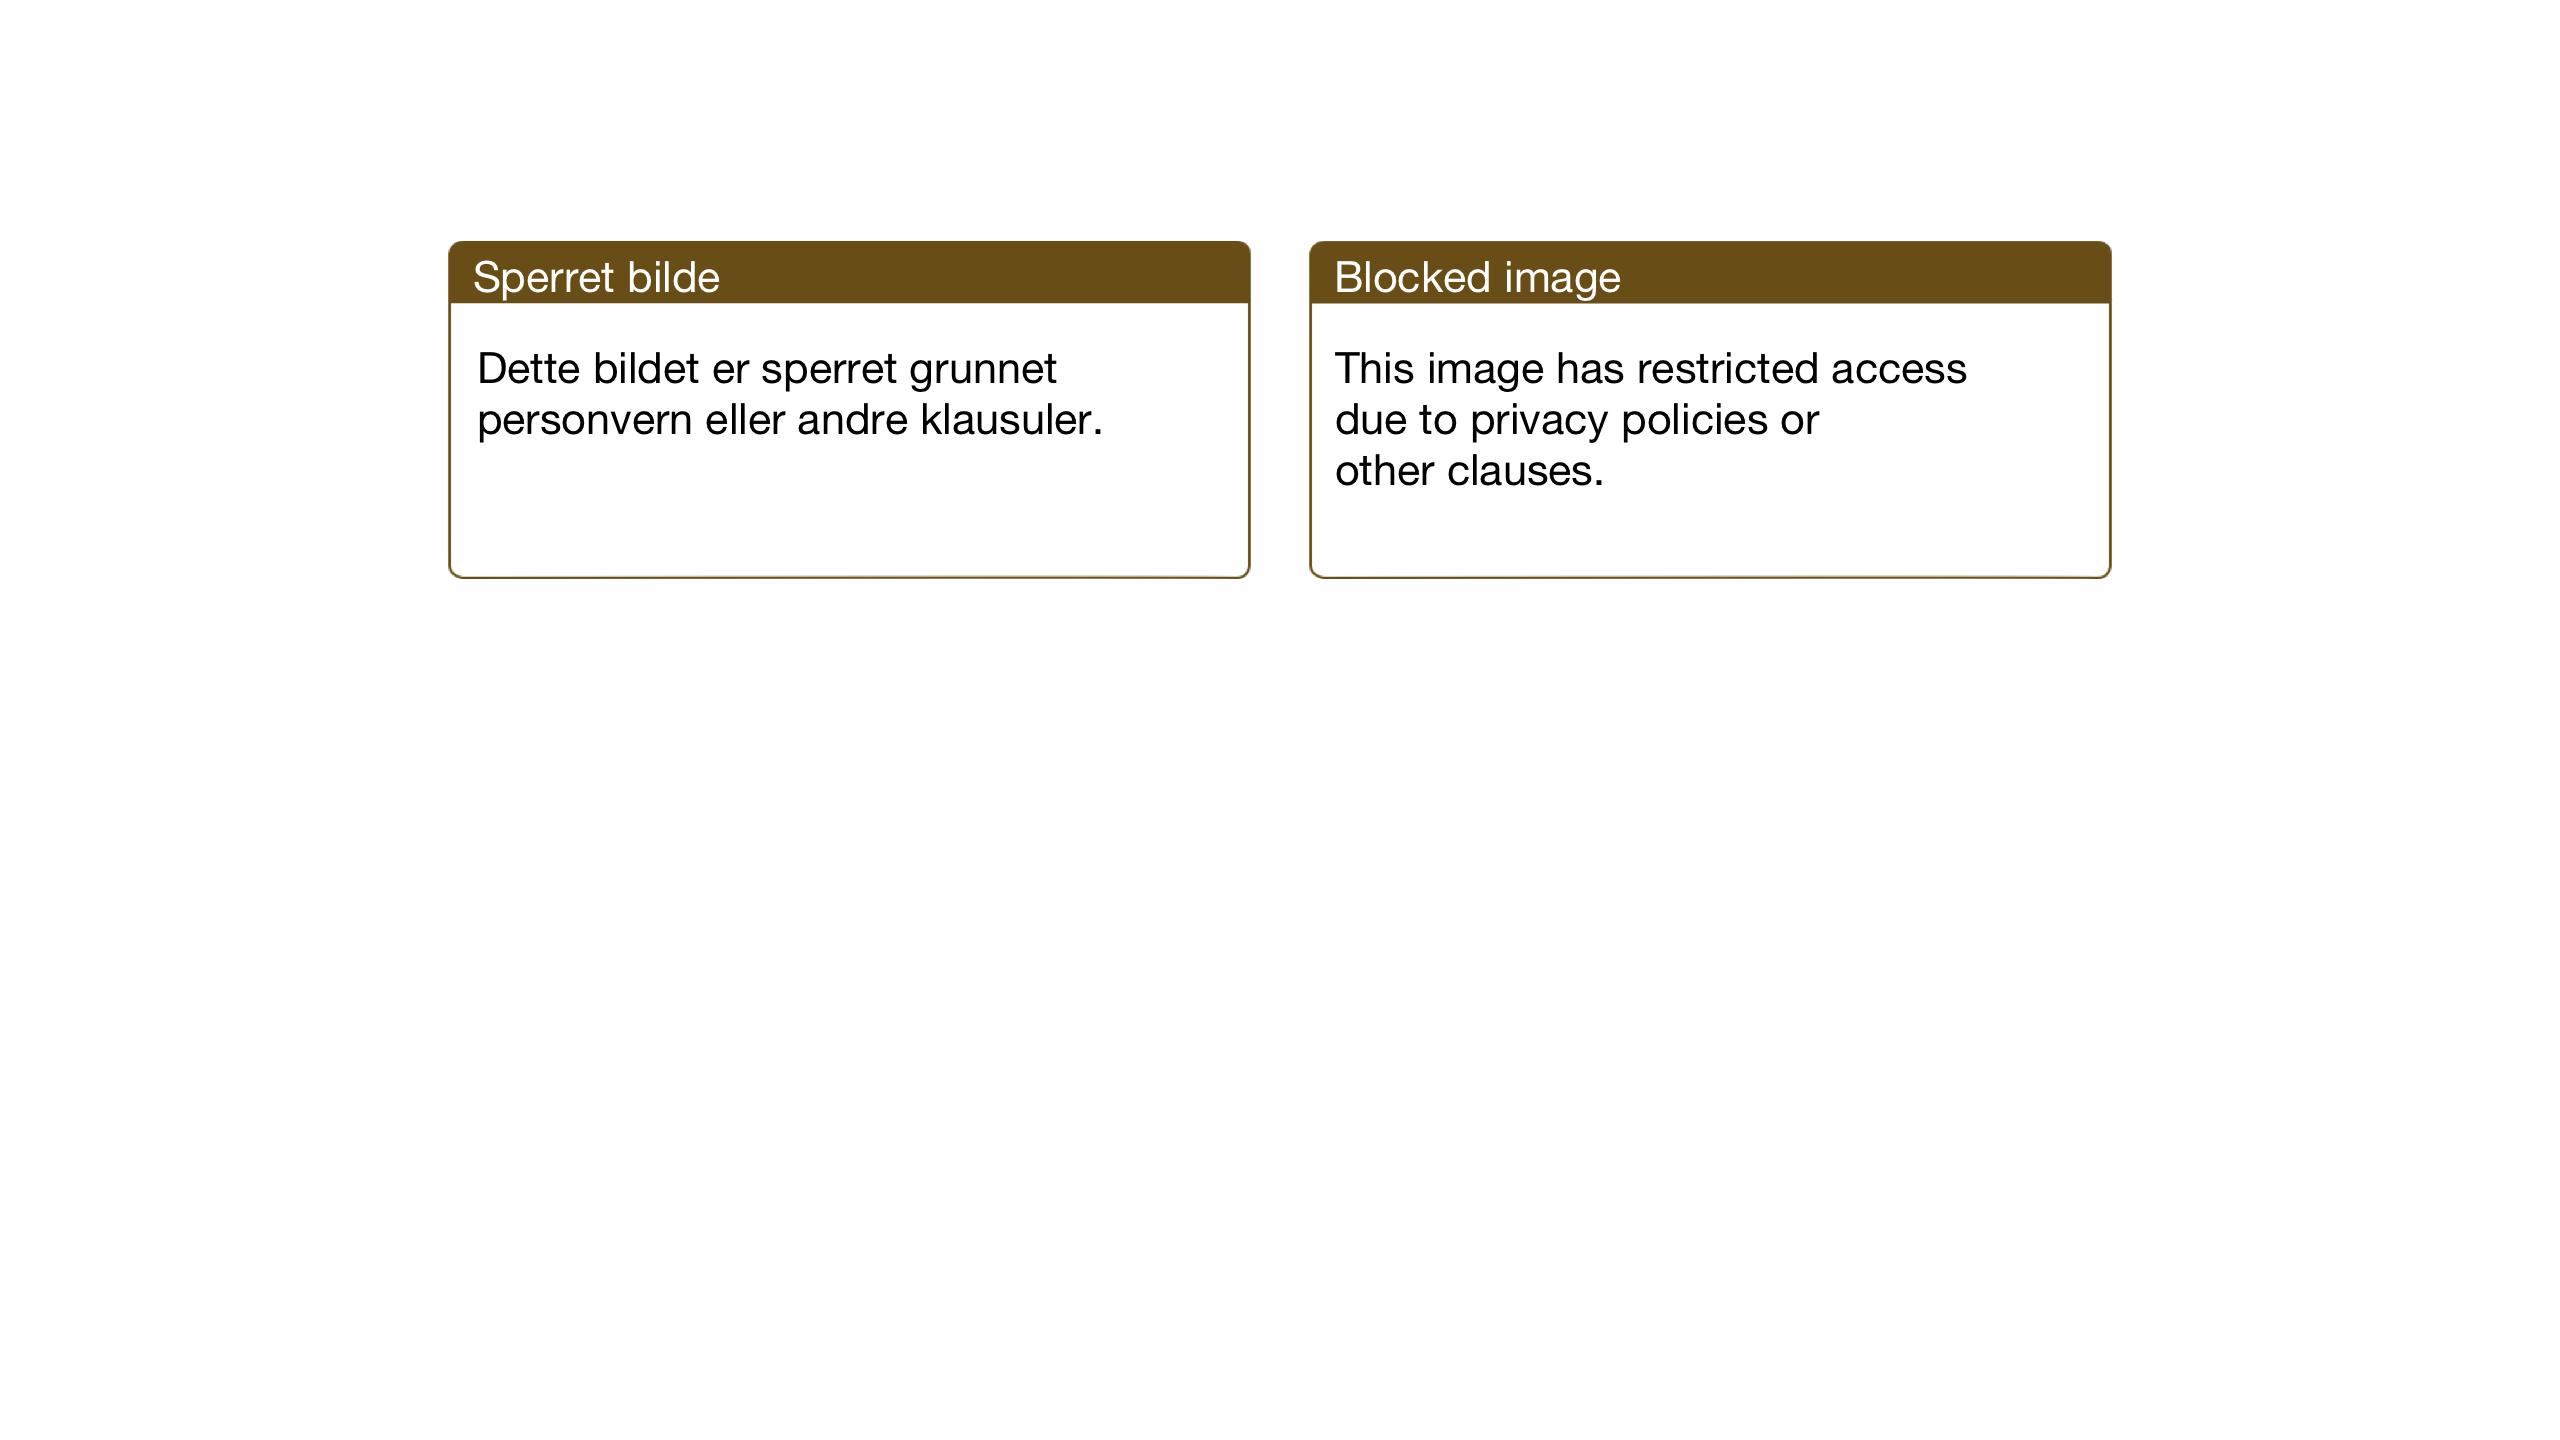 SAT, Ministerialprotokoller, klokkerbøker og fødselsregistre - Nord-Trøndelag, 746/L0456: Klokkerbok nr. 746C02, 1936-1948, s. 78